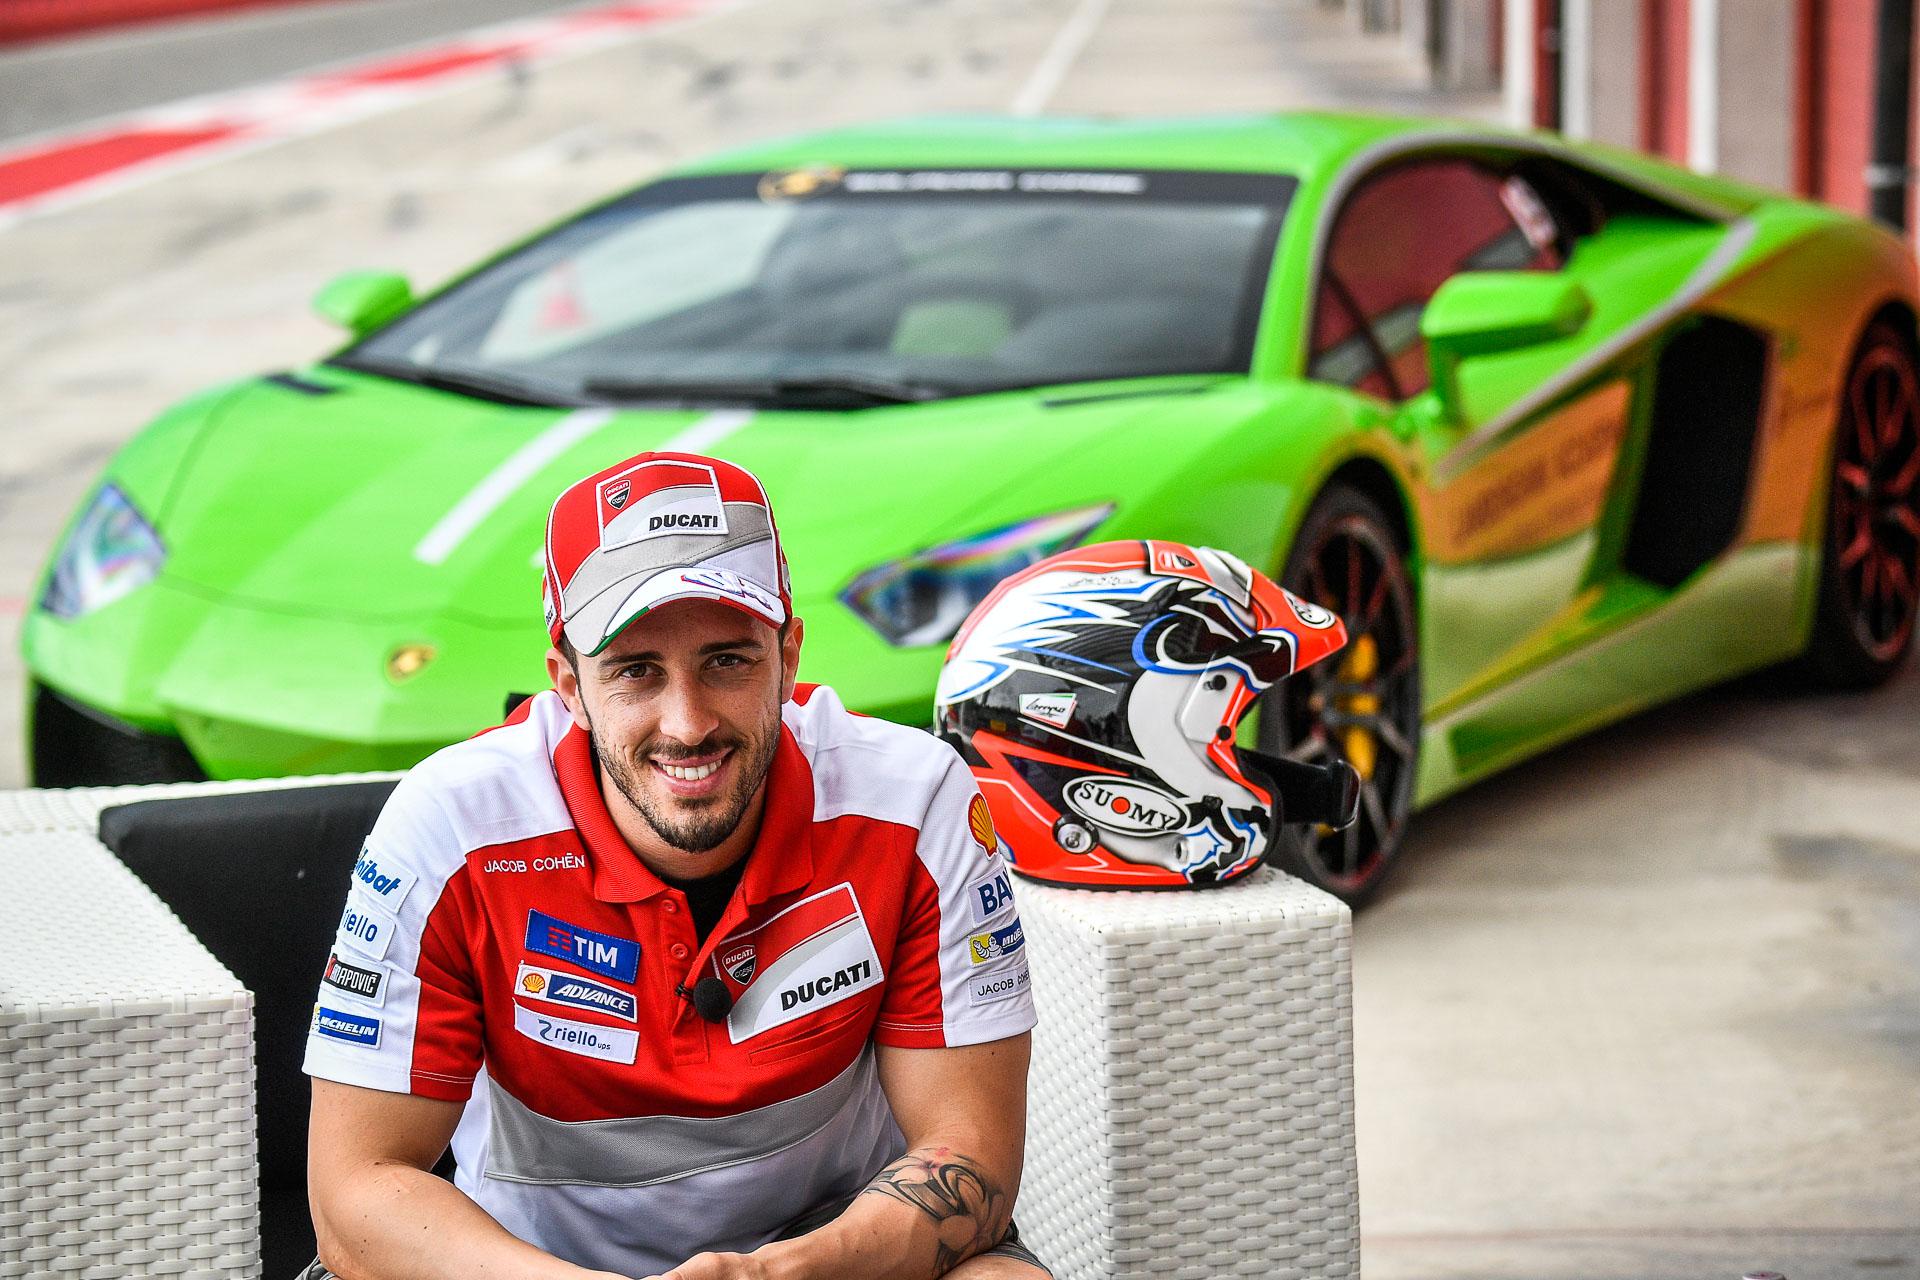 Dovizioso, campió del món de 125cc el 2004, aspira a succeir en el palmarés de MotoGP Valentino Rossi.